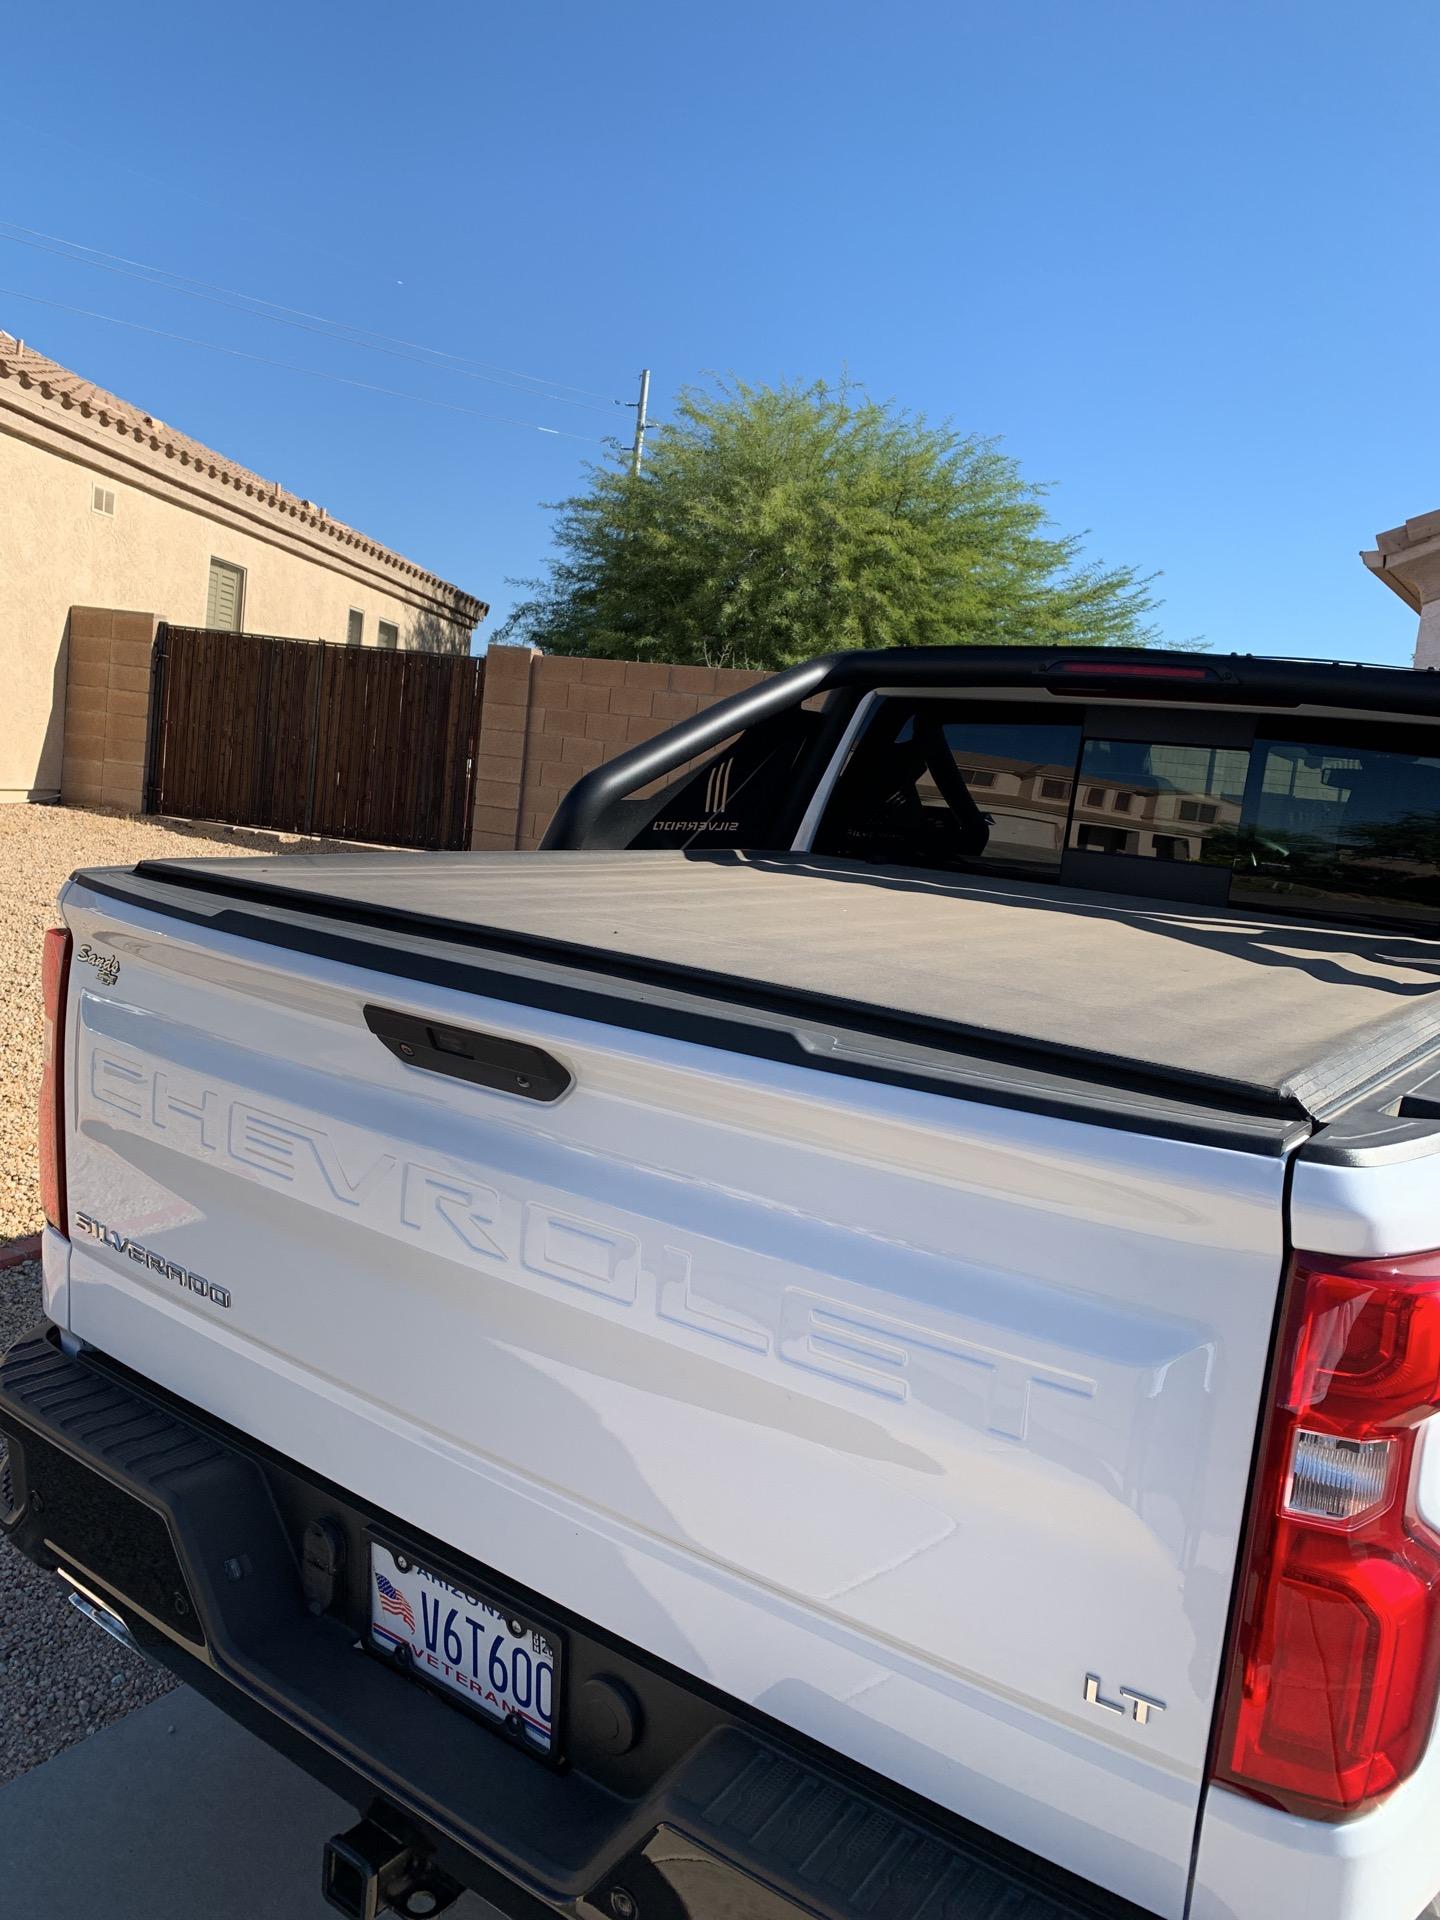 2019 Chevrolet Silverado 1500 - photo 1